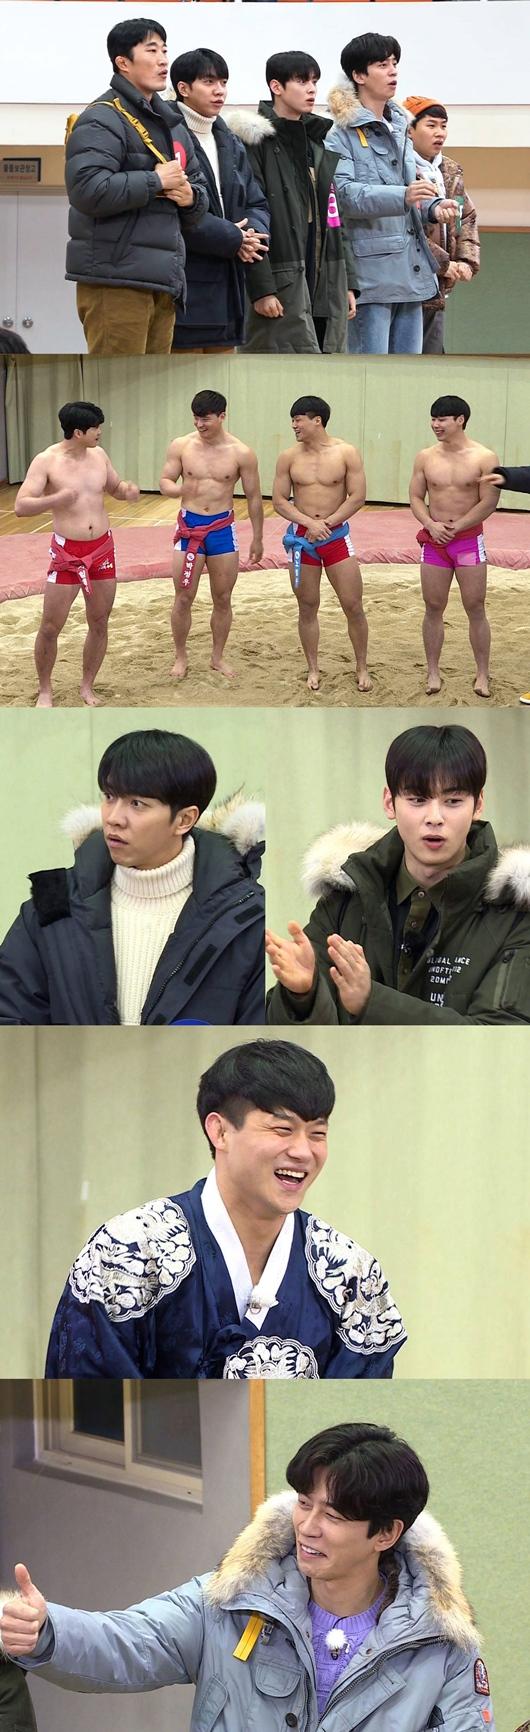 집사부 이승기→차은우, 모래 위의 F4 씨름 꽃미남 선수단 출격